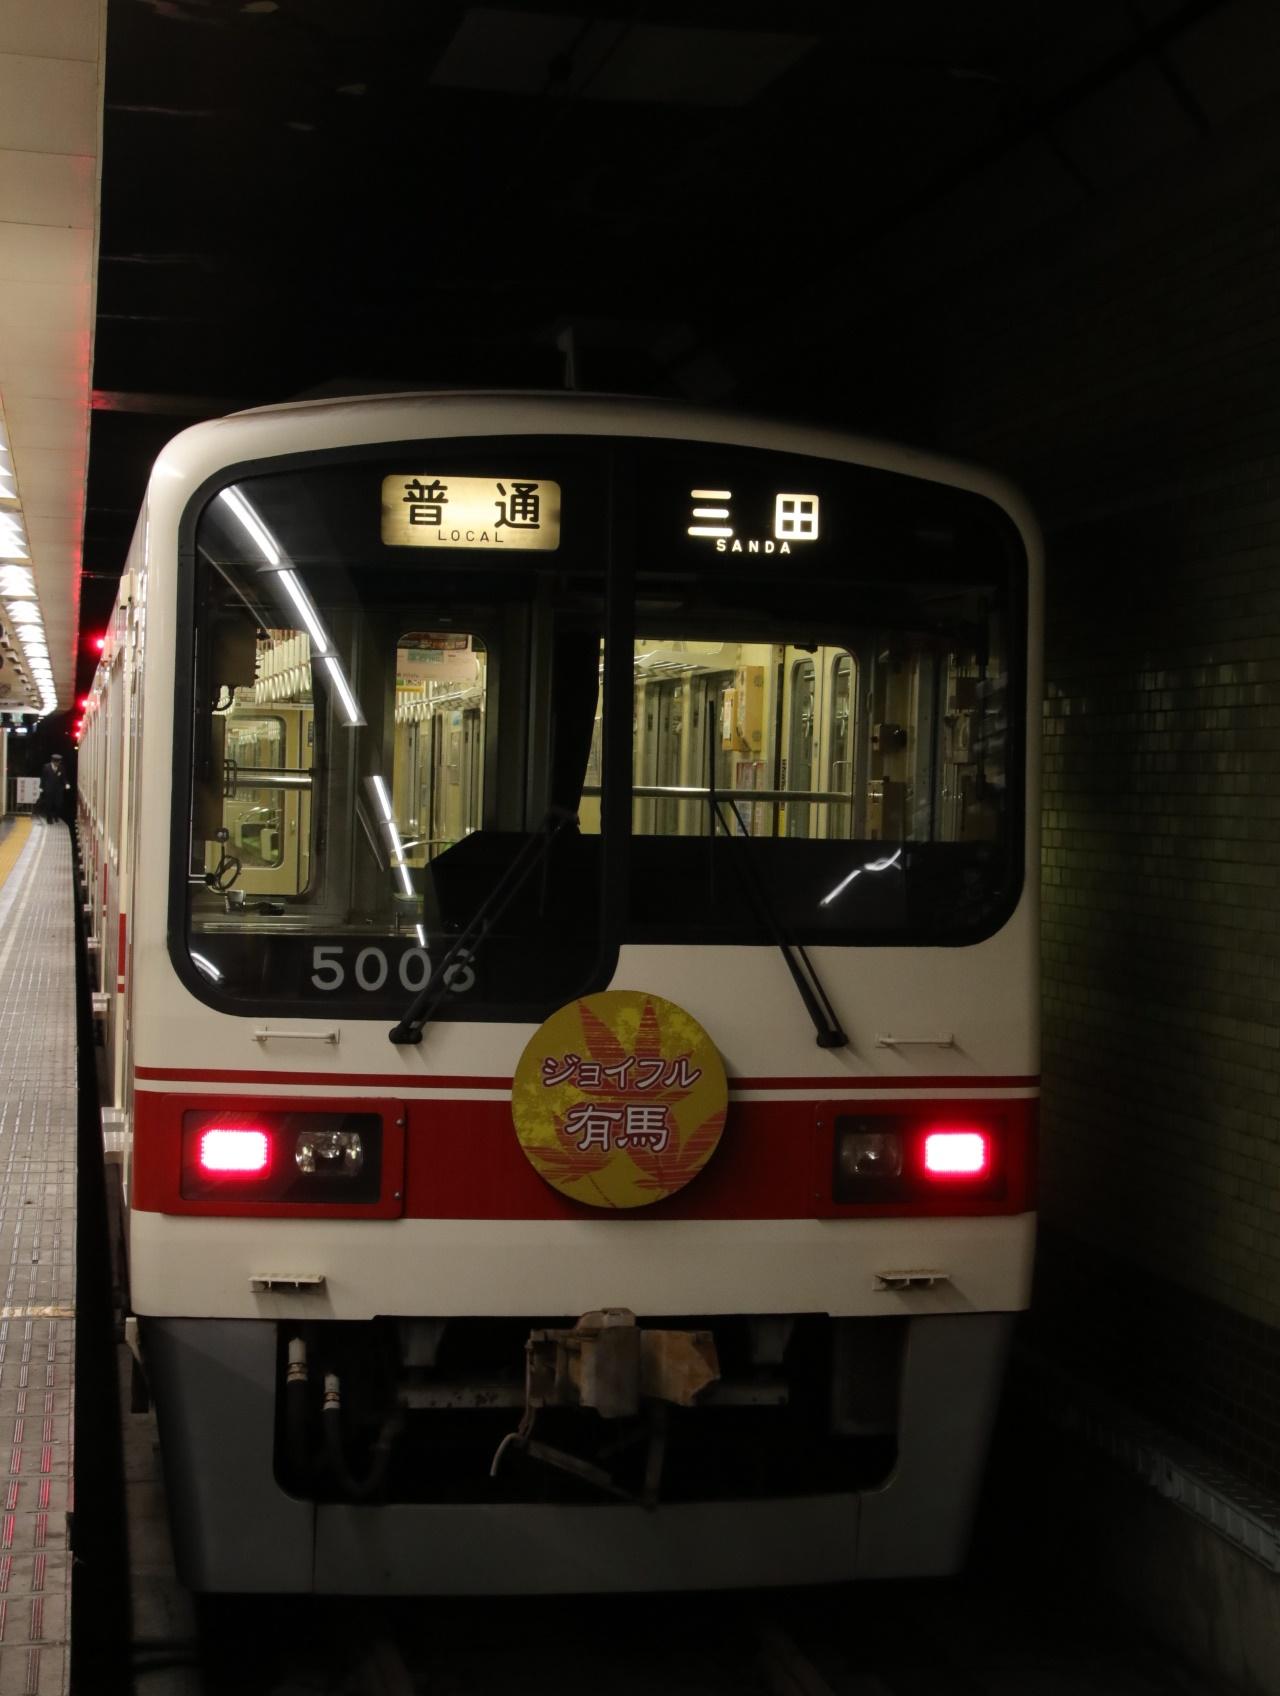 神戸電鉄 5000系 ジョイフル有馬!。_d0202264_4523526.jpg